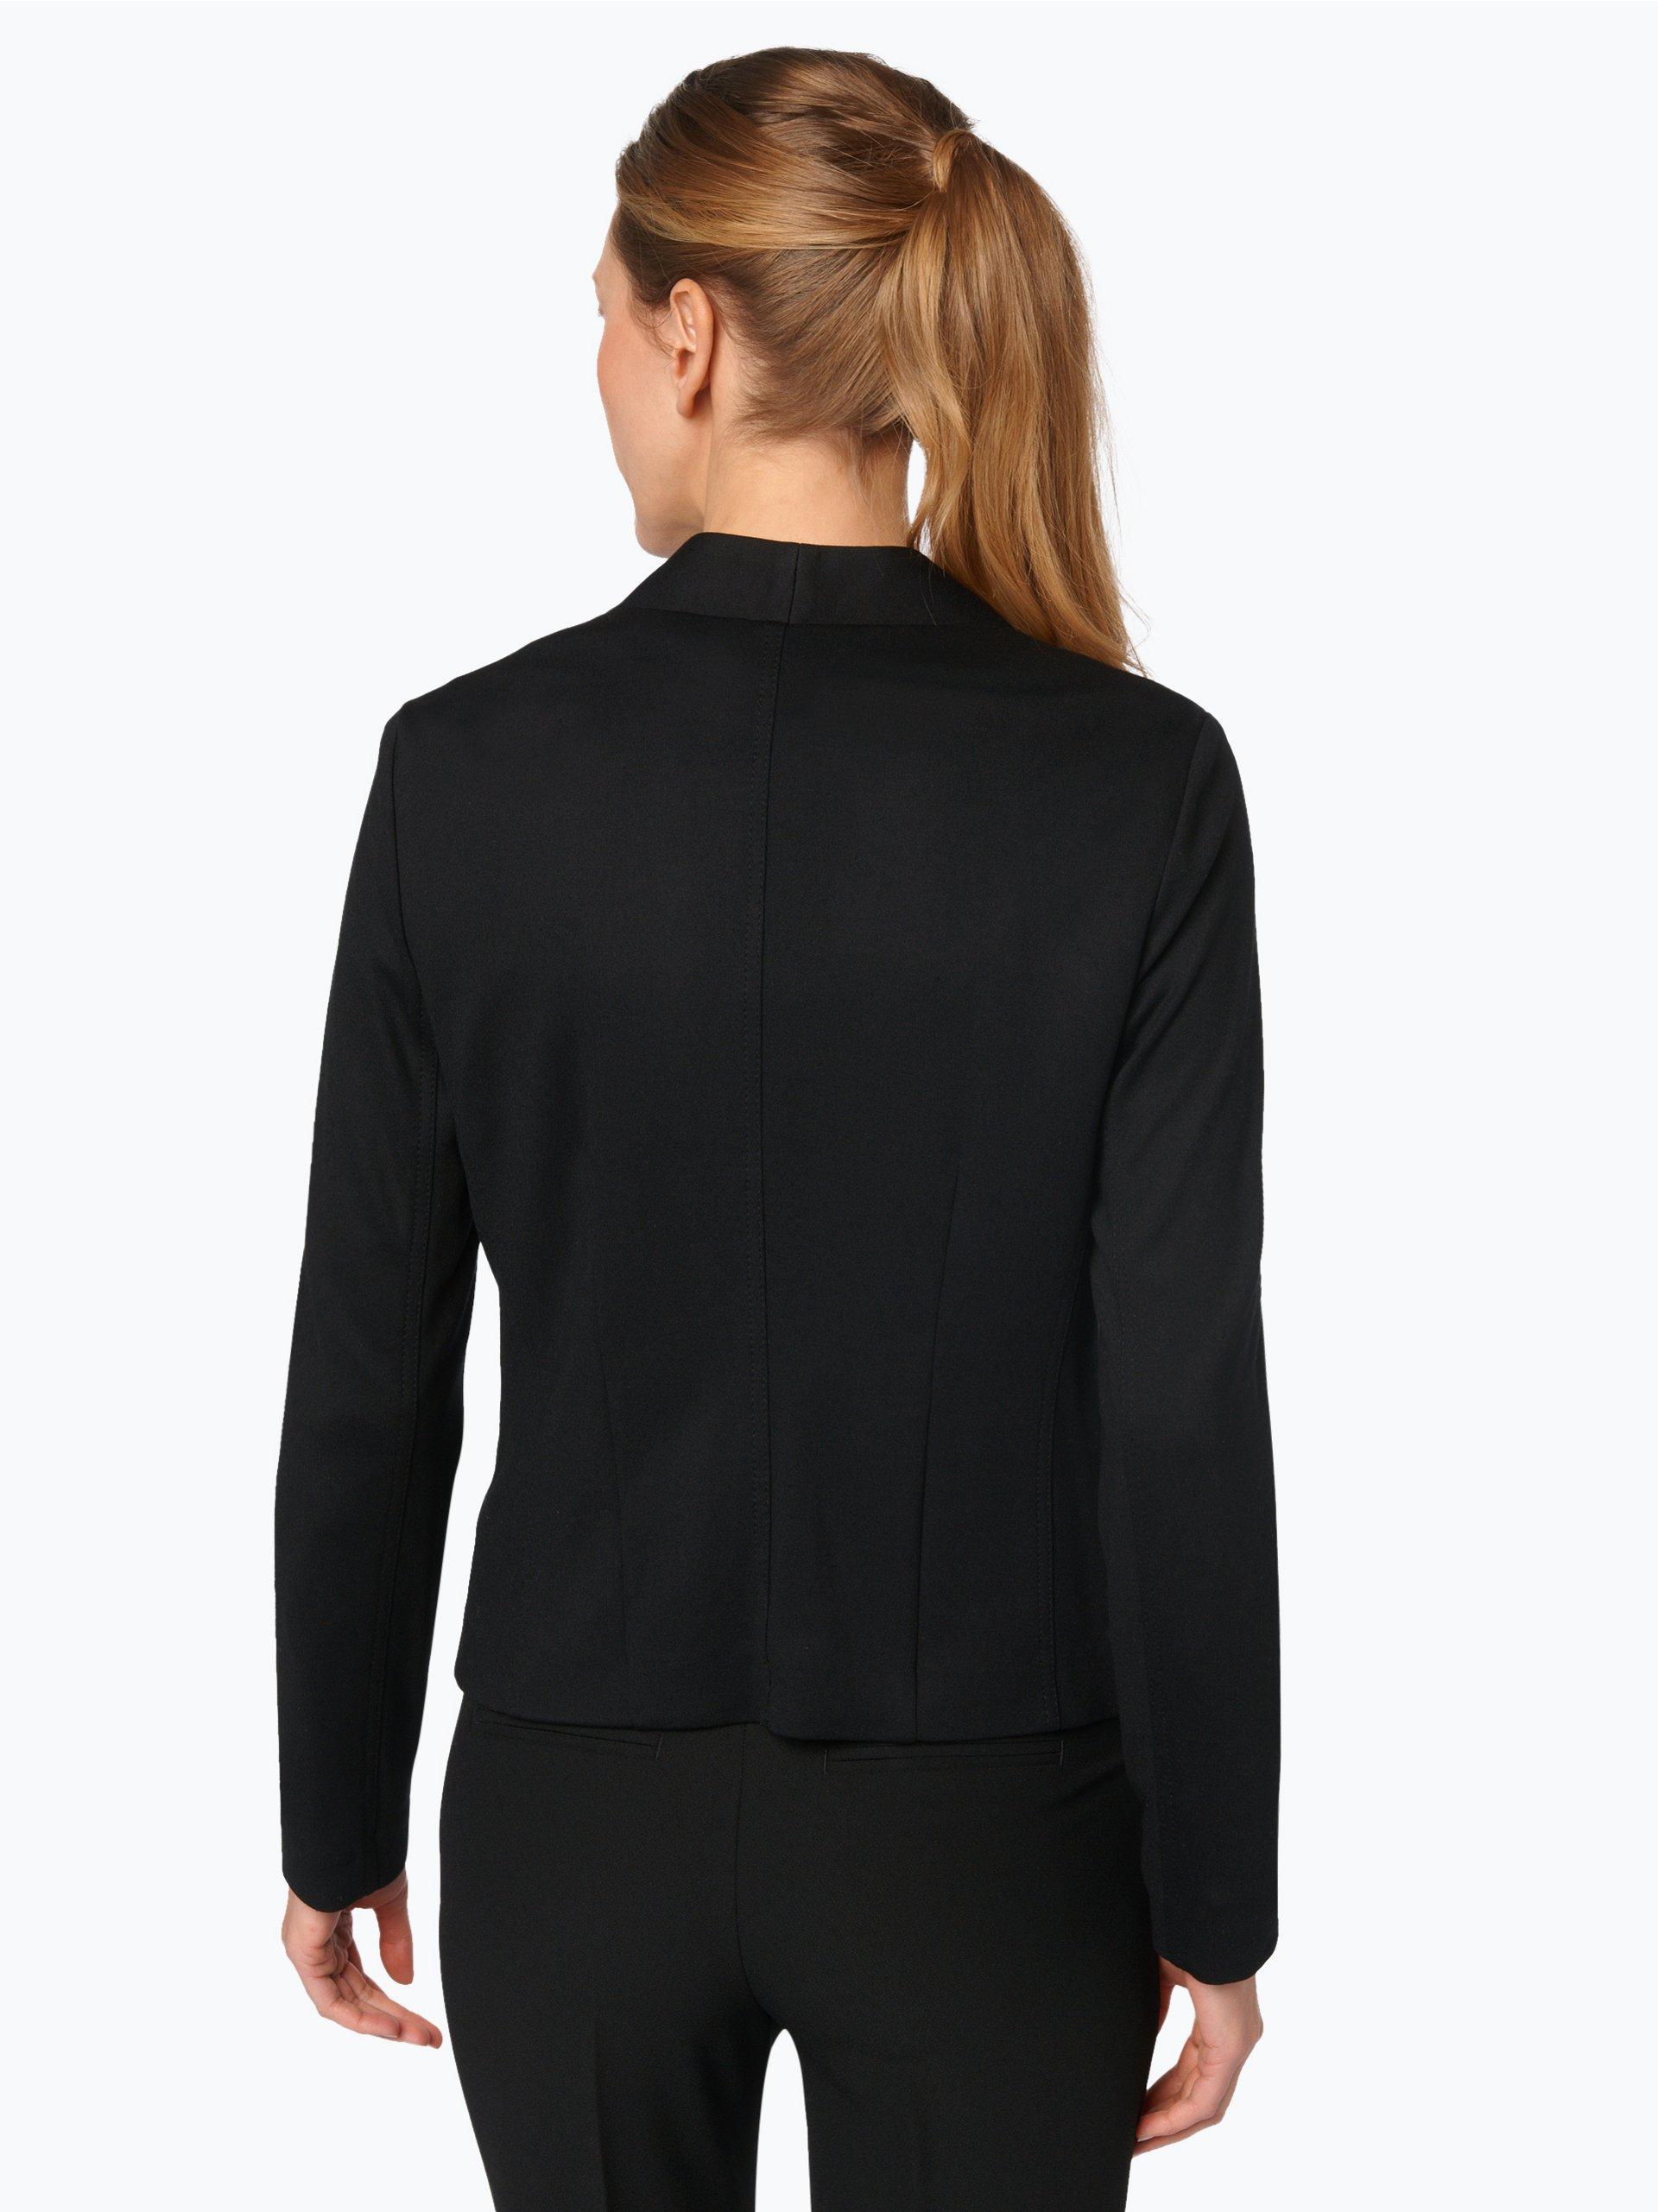 s oliver black label damen blazer schwarz uni online kaufen peek und cloppenburg de. Black Bedroom Furniture Sets. Home Design Ideas